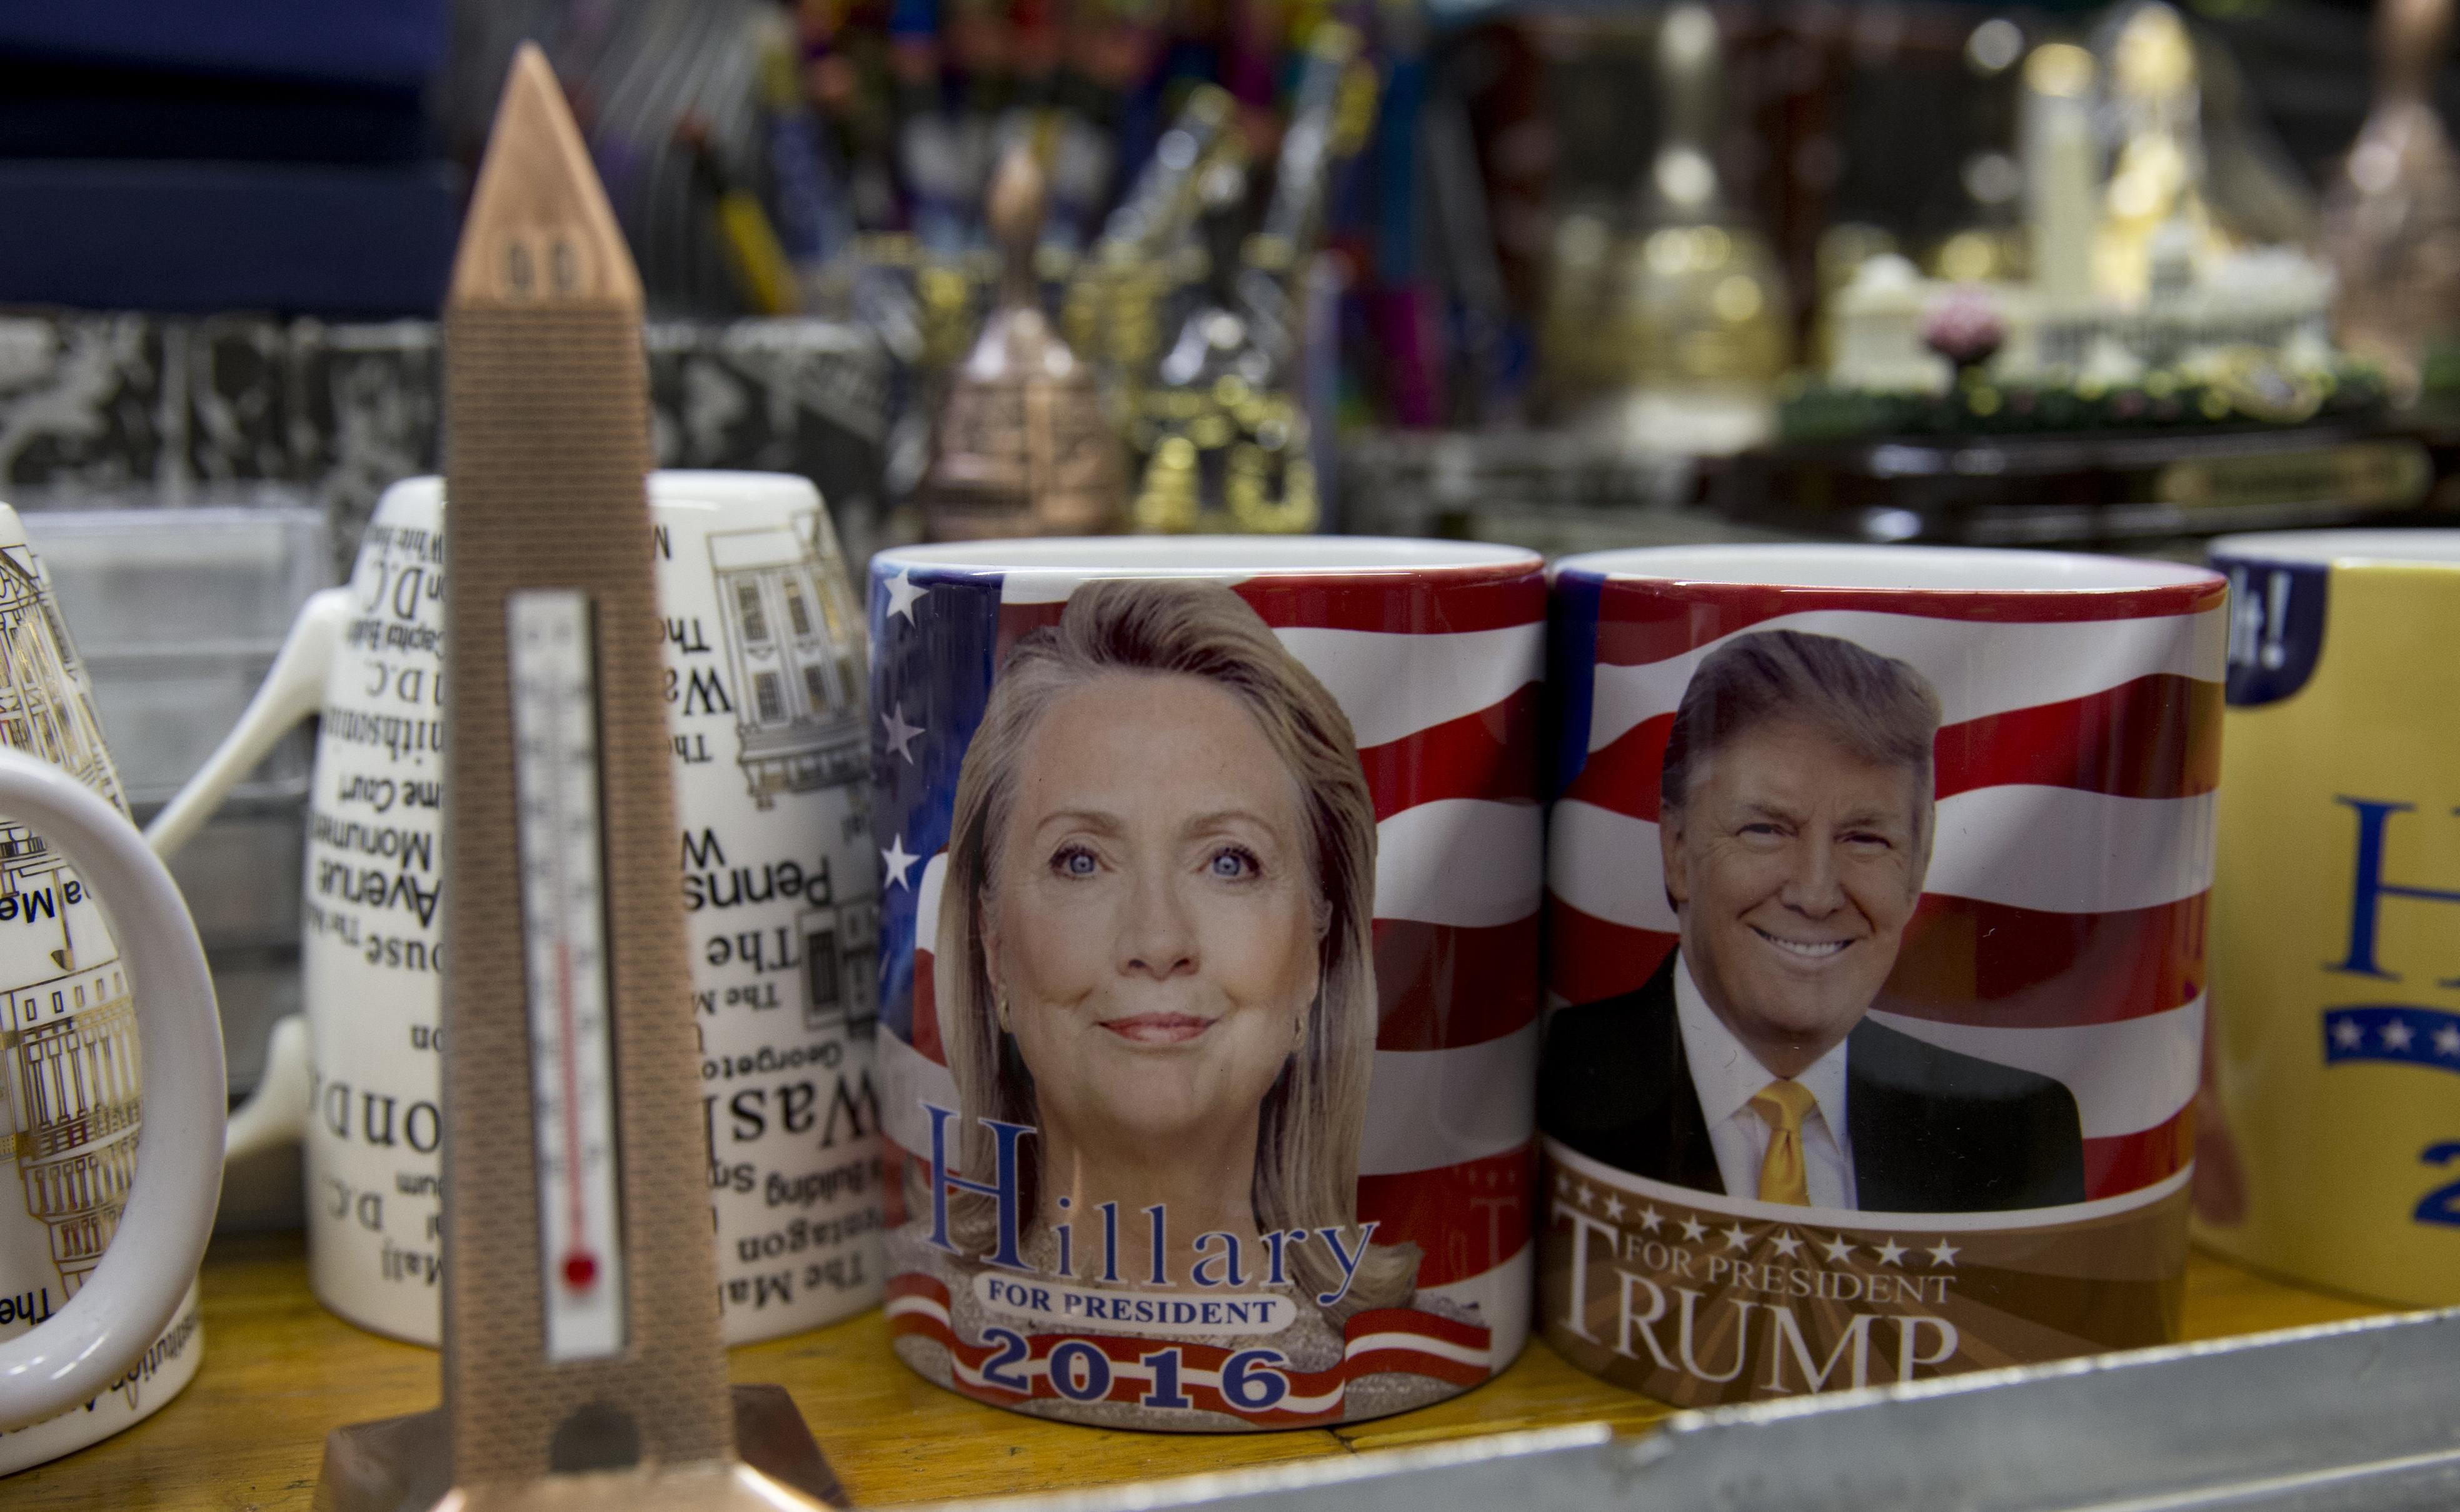 2016 Election Is 'Unpredictable' and 'Bizarre,' Says Washington Post's Chris Cillizza